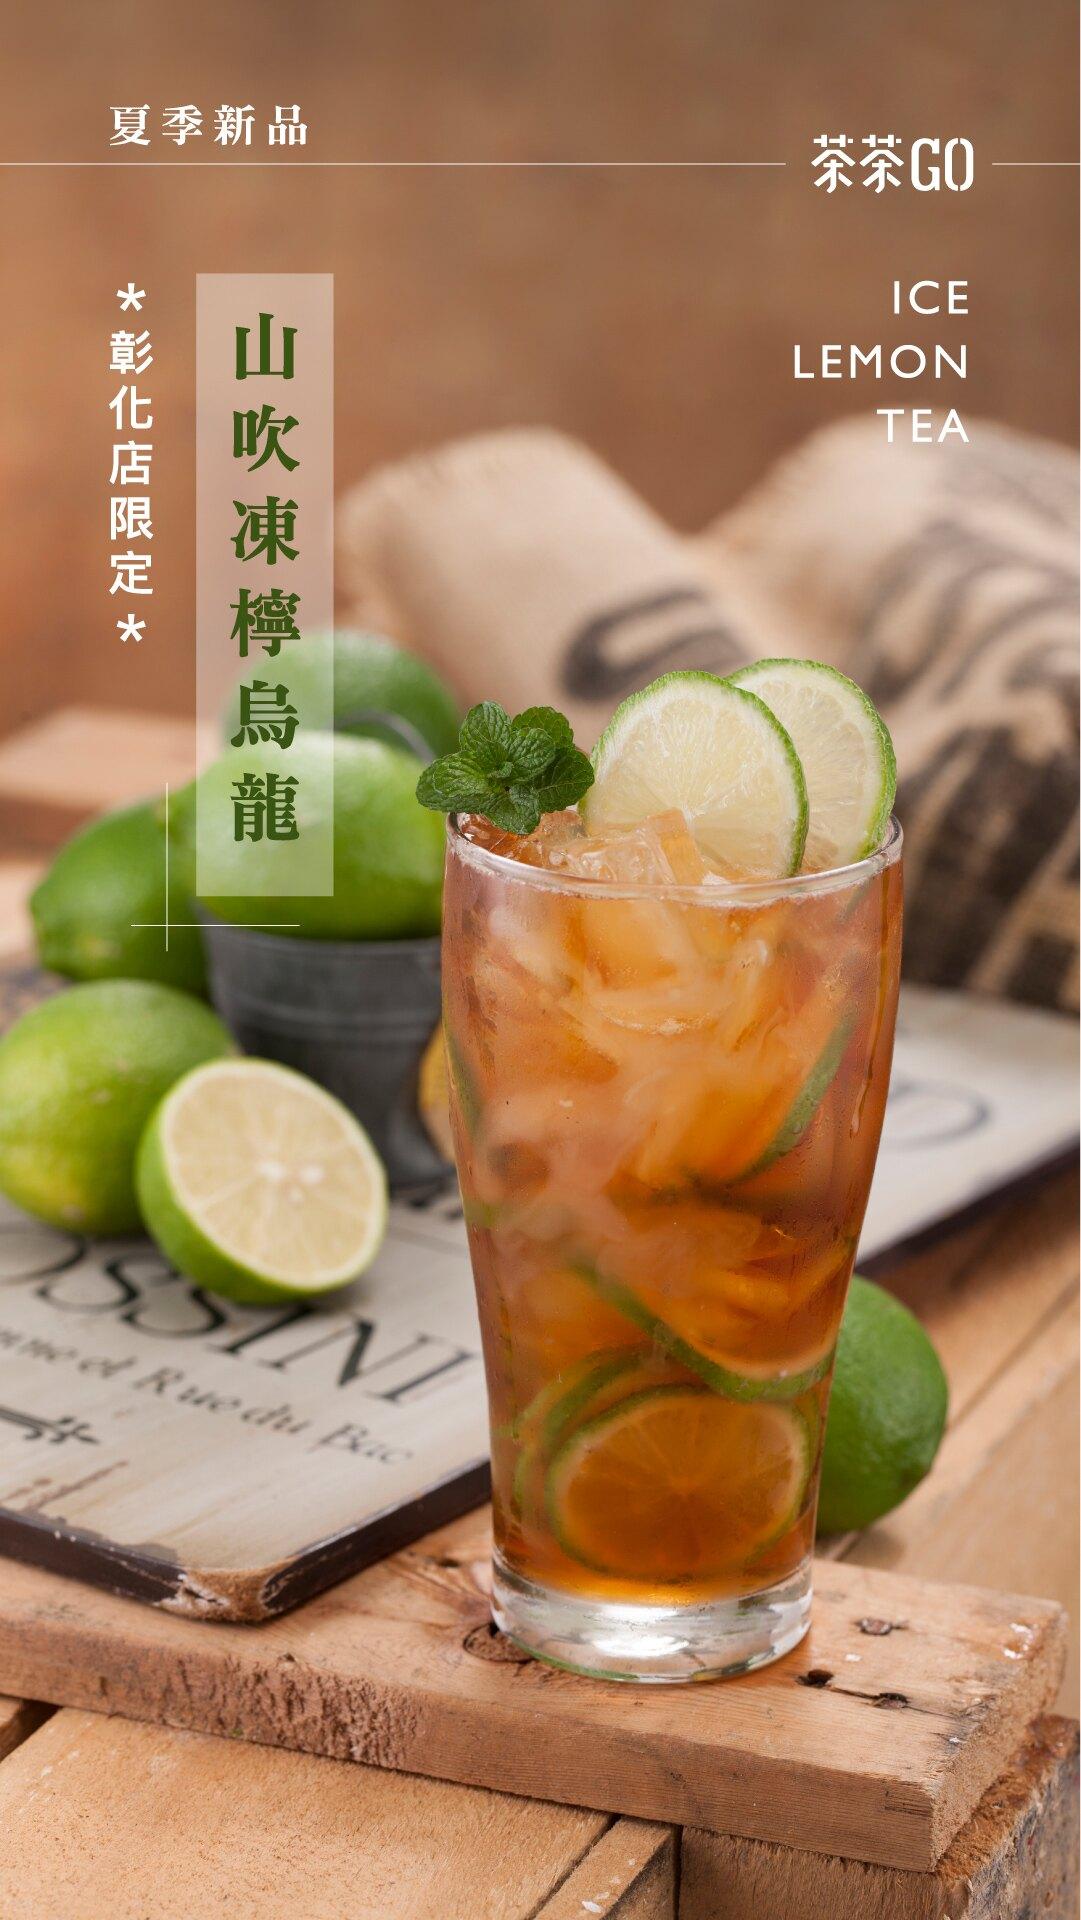 茶茶GO-山吹凍檸烏龍★水果風味★電子票券